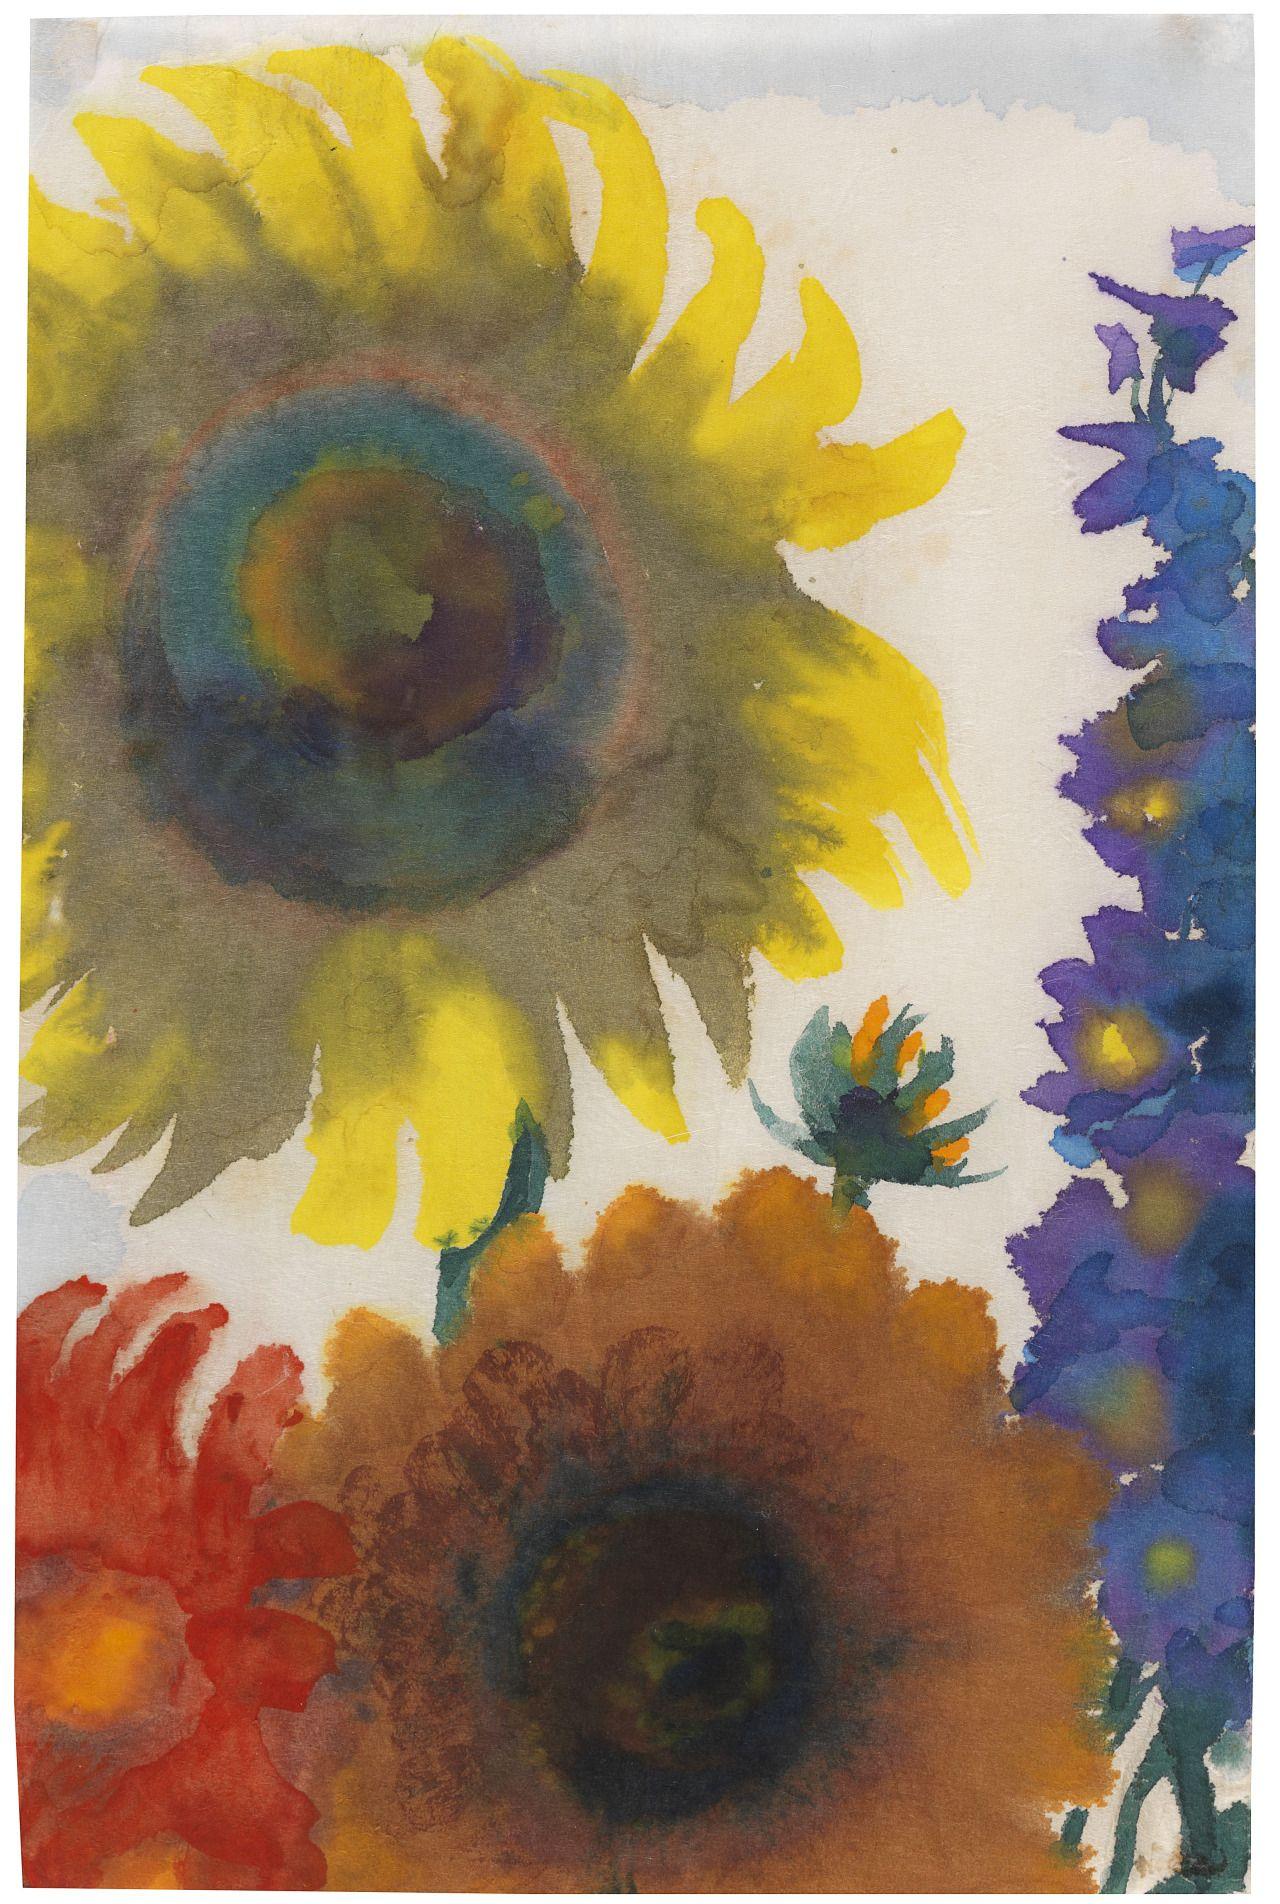 Emil Nolde (German, 1867-1956), Sonnenblumen und Rittersporn [Sunflowers and Larkspur], c.1935. Watercolour